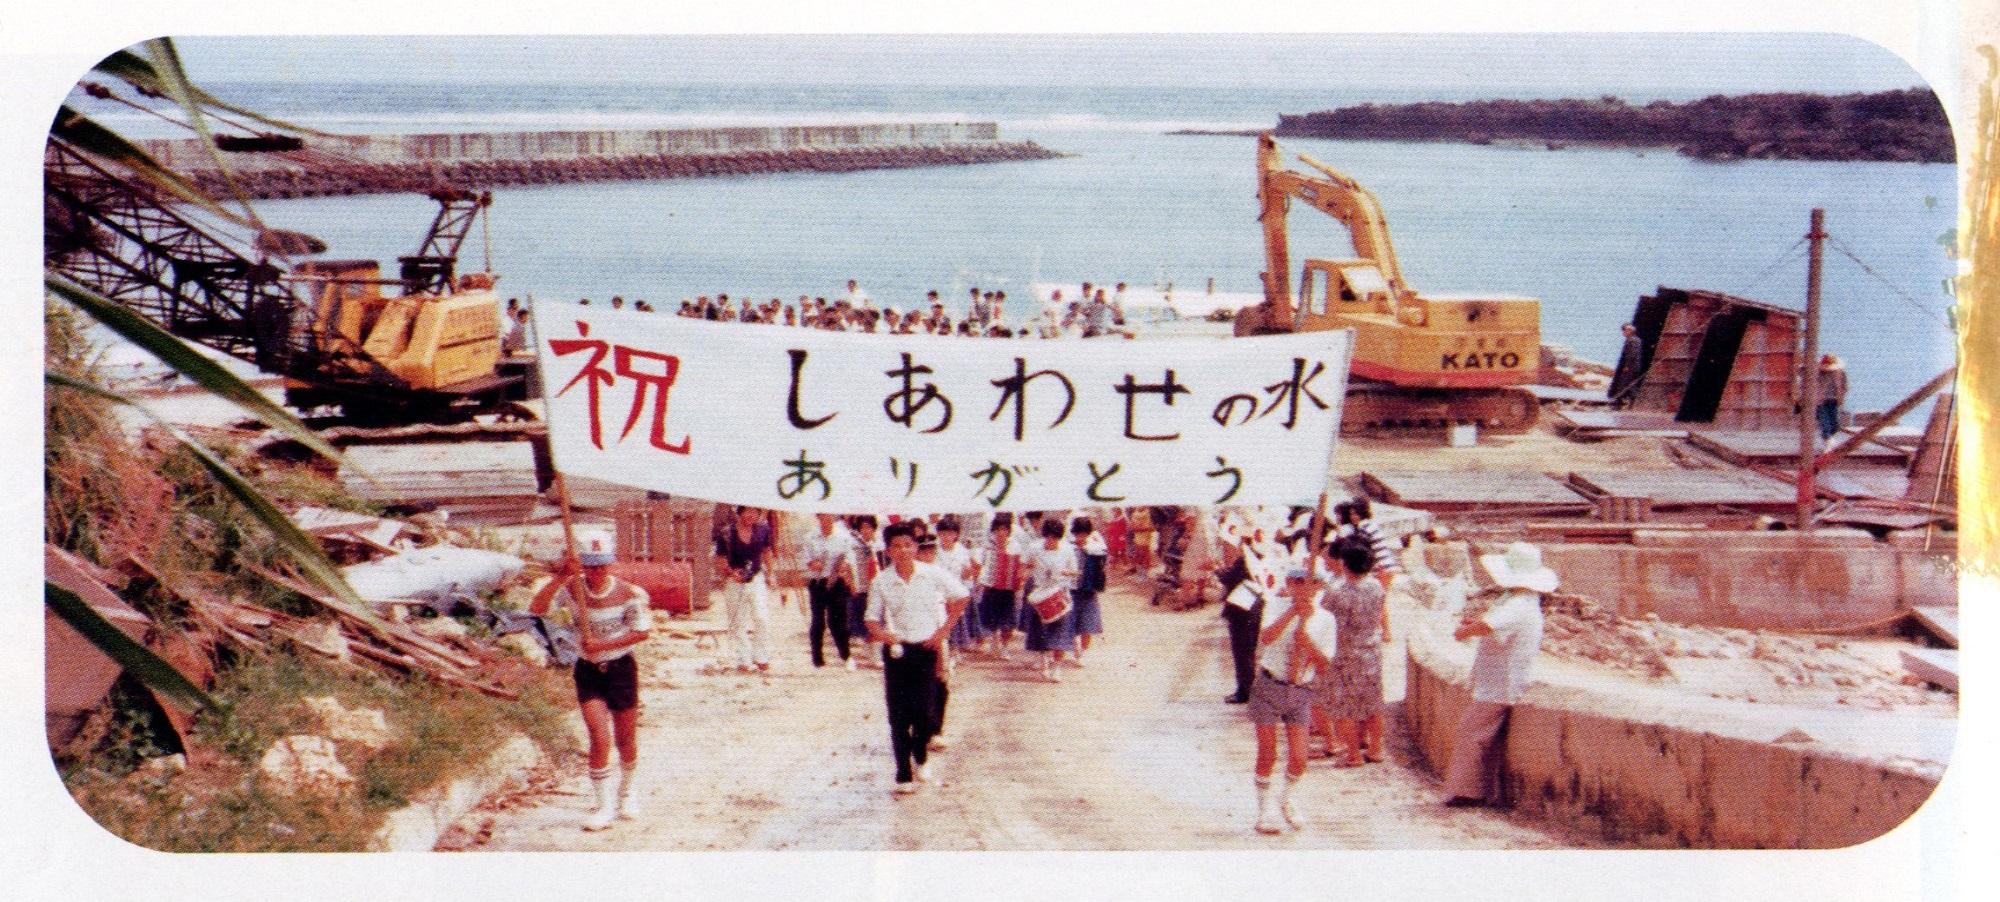 「水」に長年苦労した「神の島」/ 南城市 久高島|海底送水管開通を祝うパレード | おきなわアーカイブ